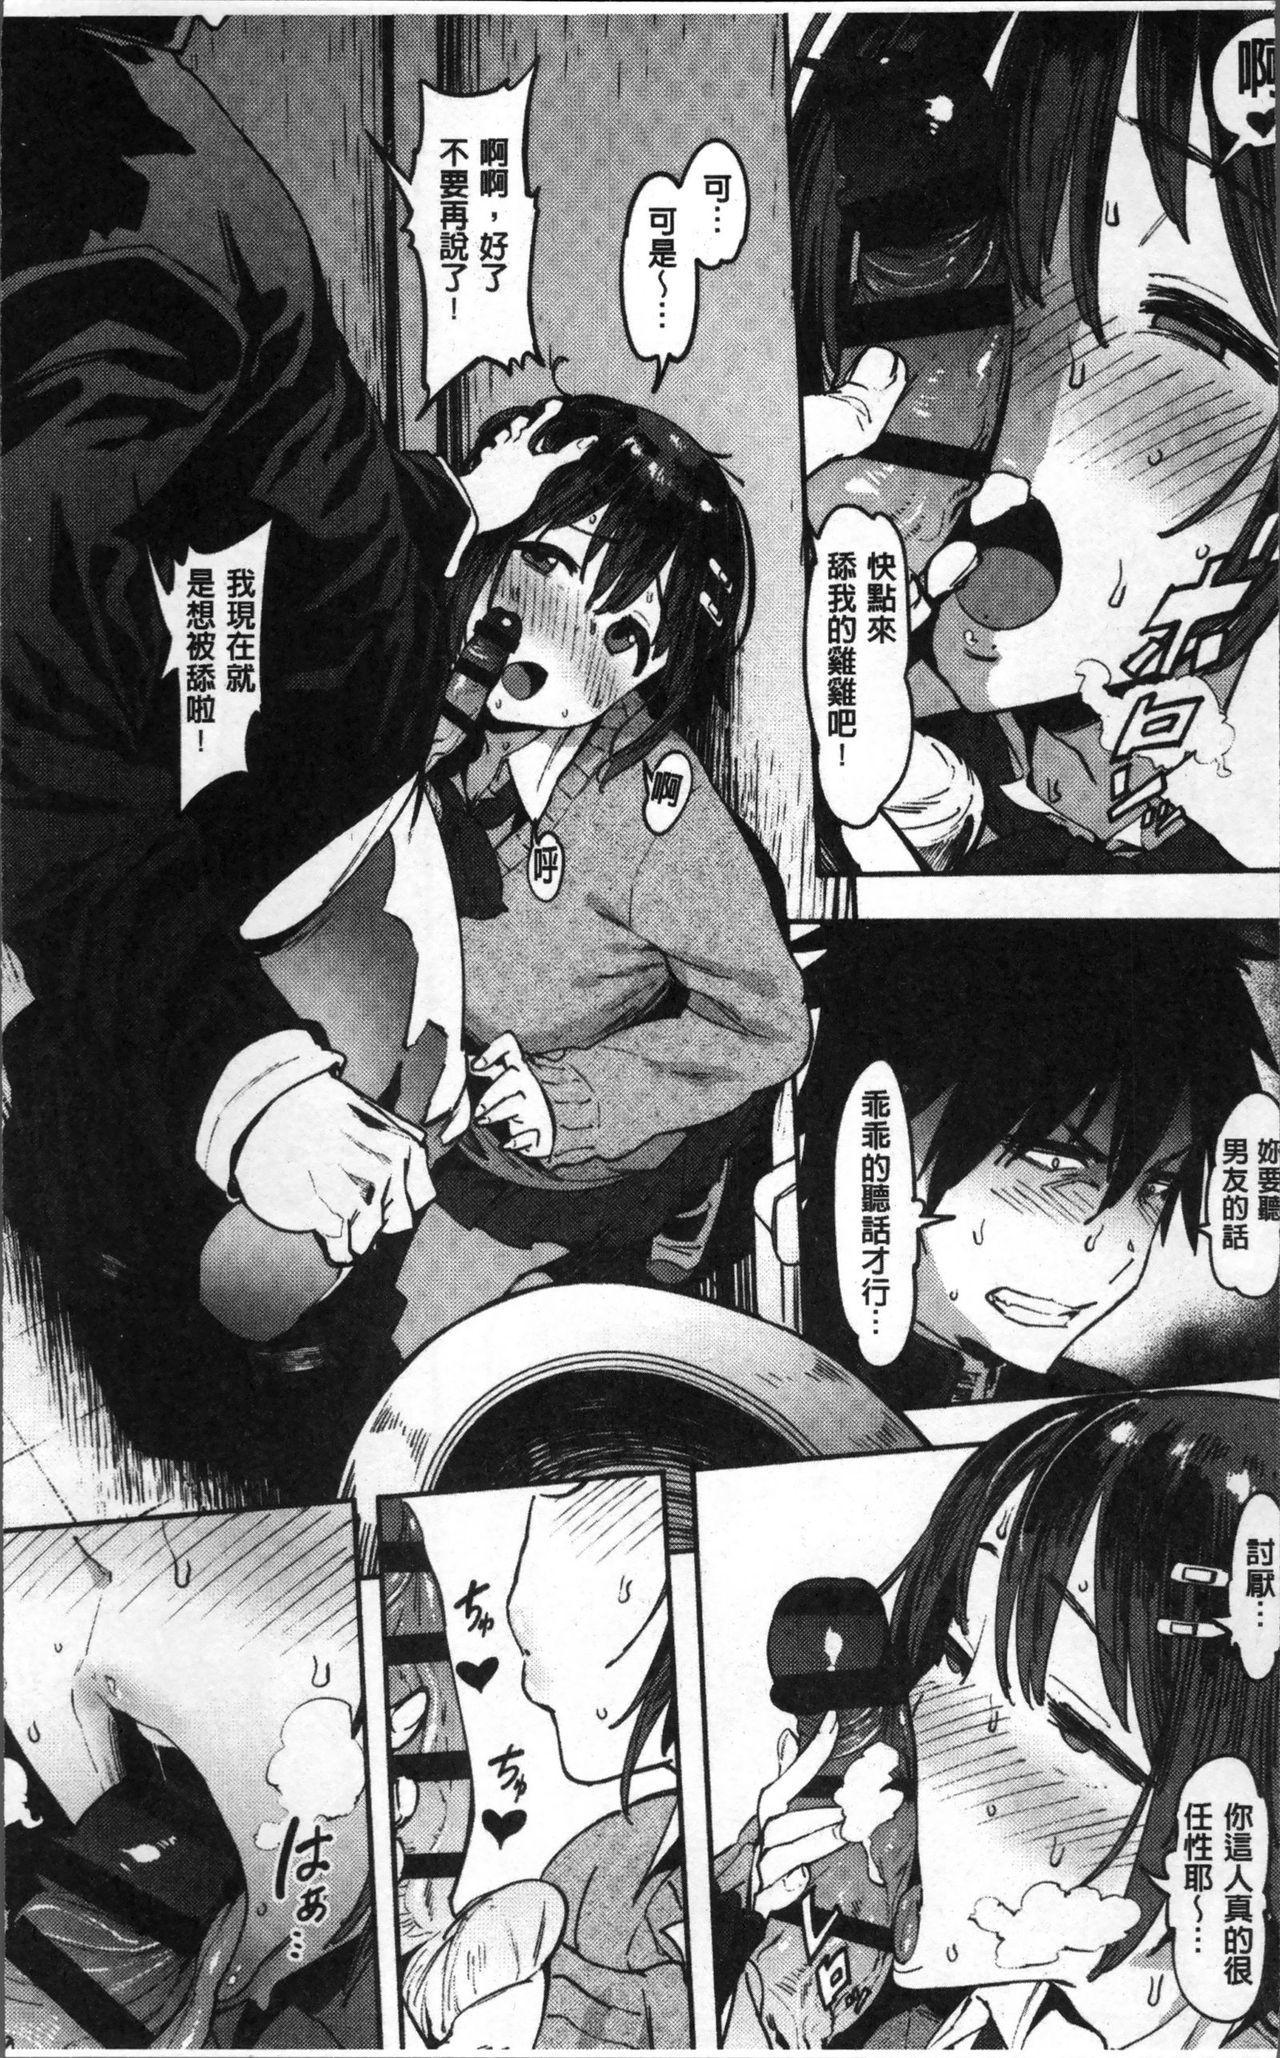 Nee,... Shiyo 10